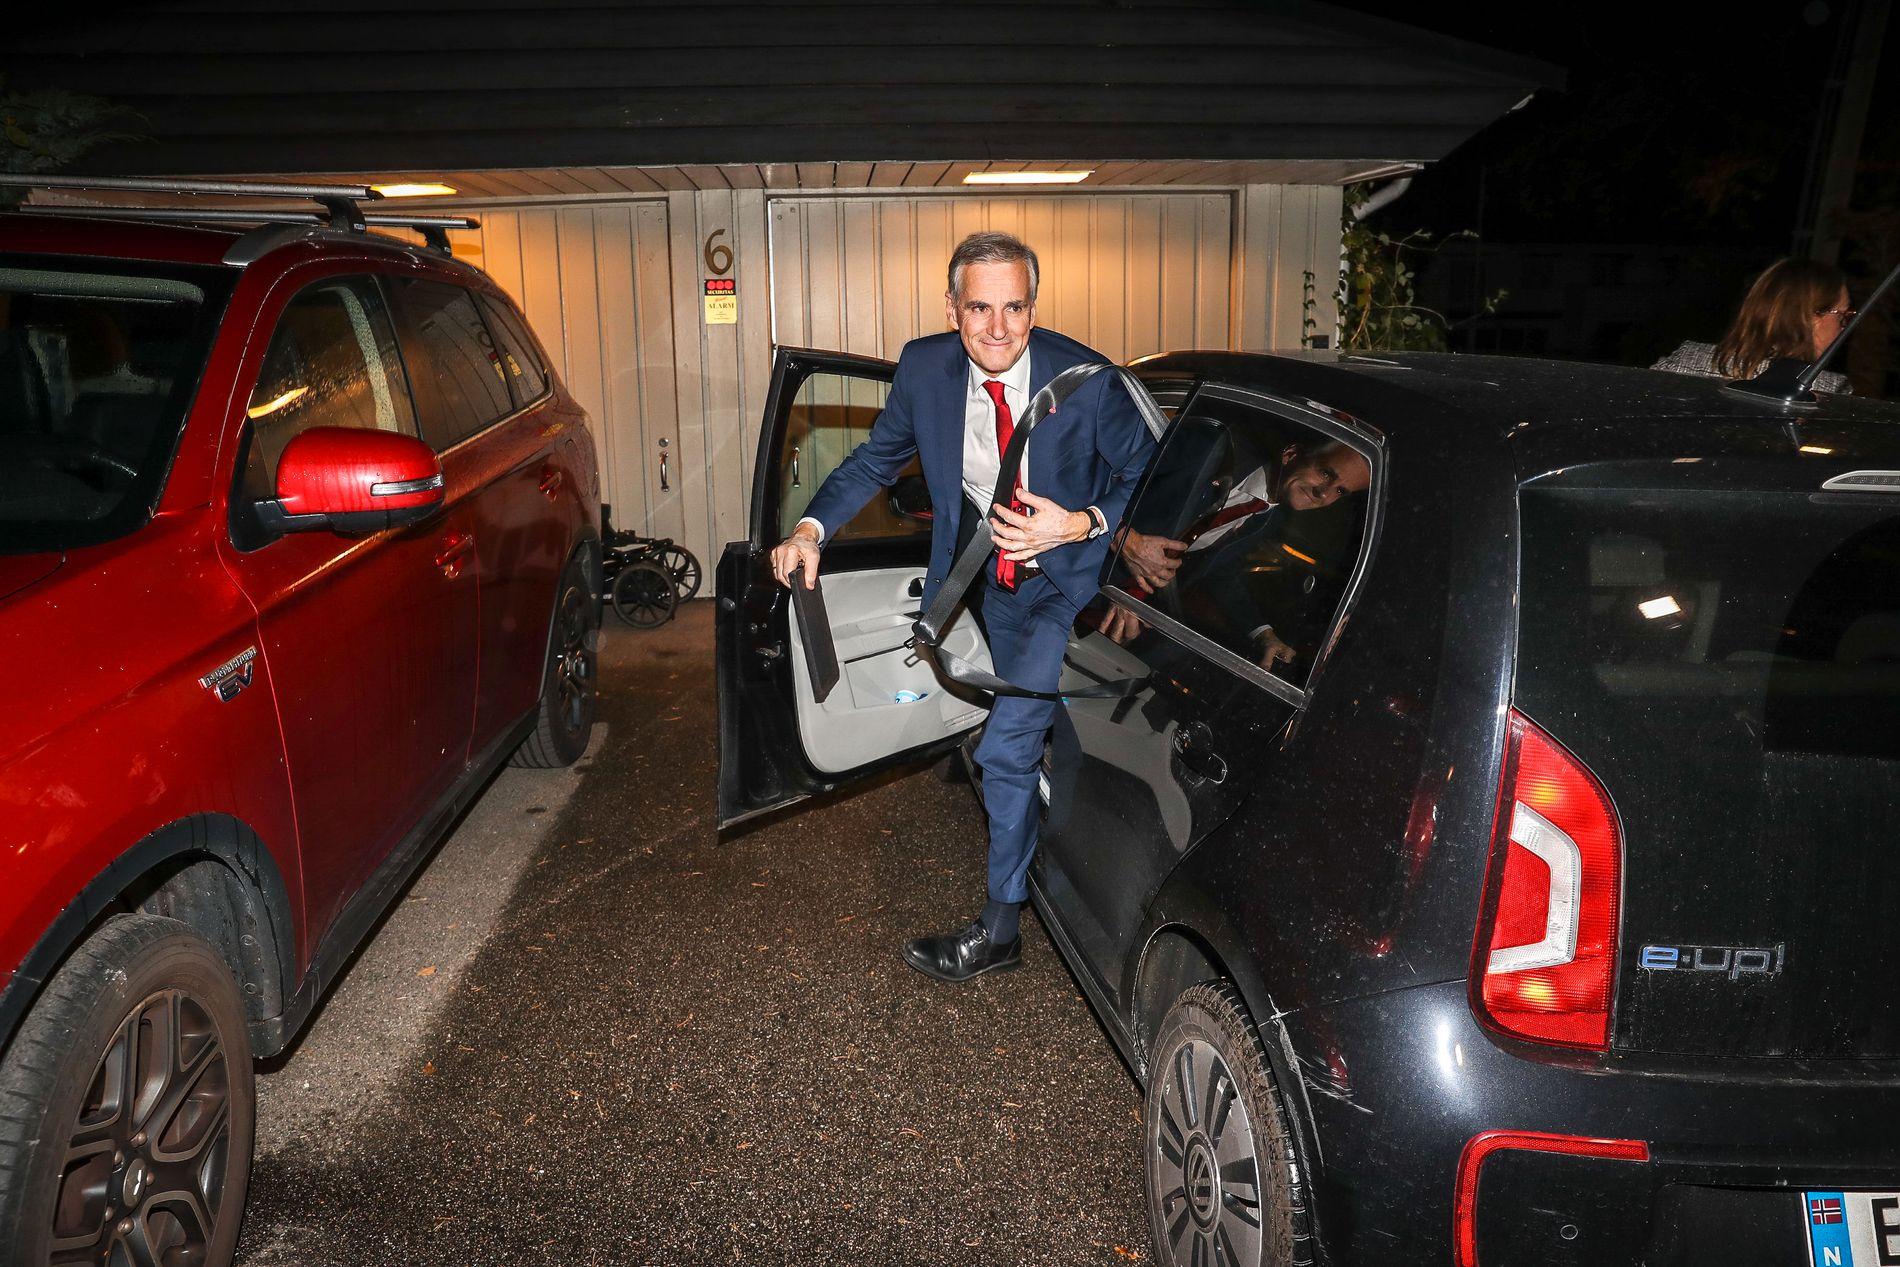 HJEMME: Jonas Gahr Støre parkerte bilen hjemme klokken 01.35 på valgnatten.